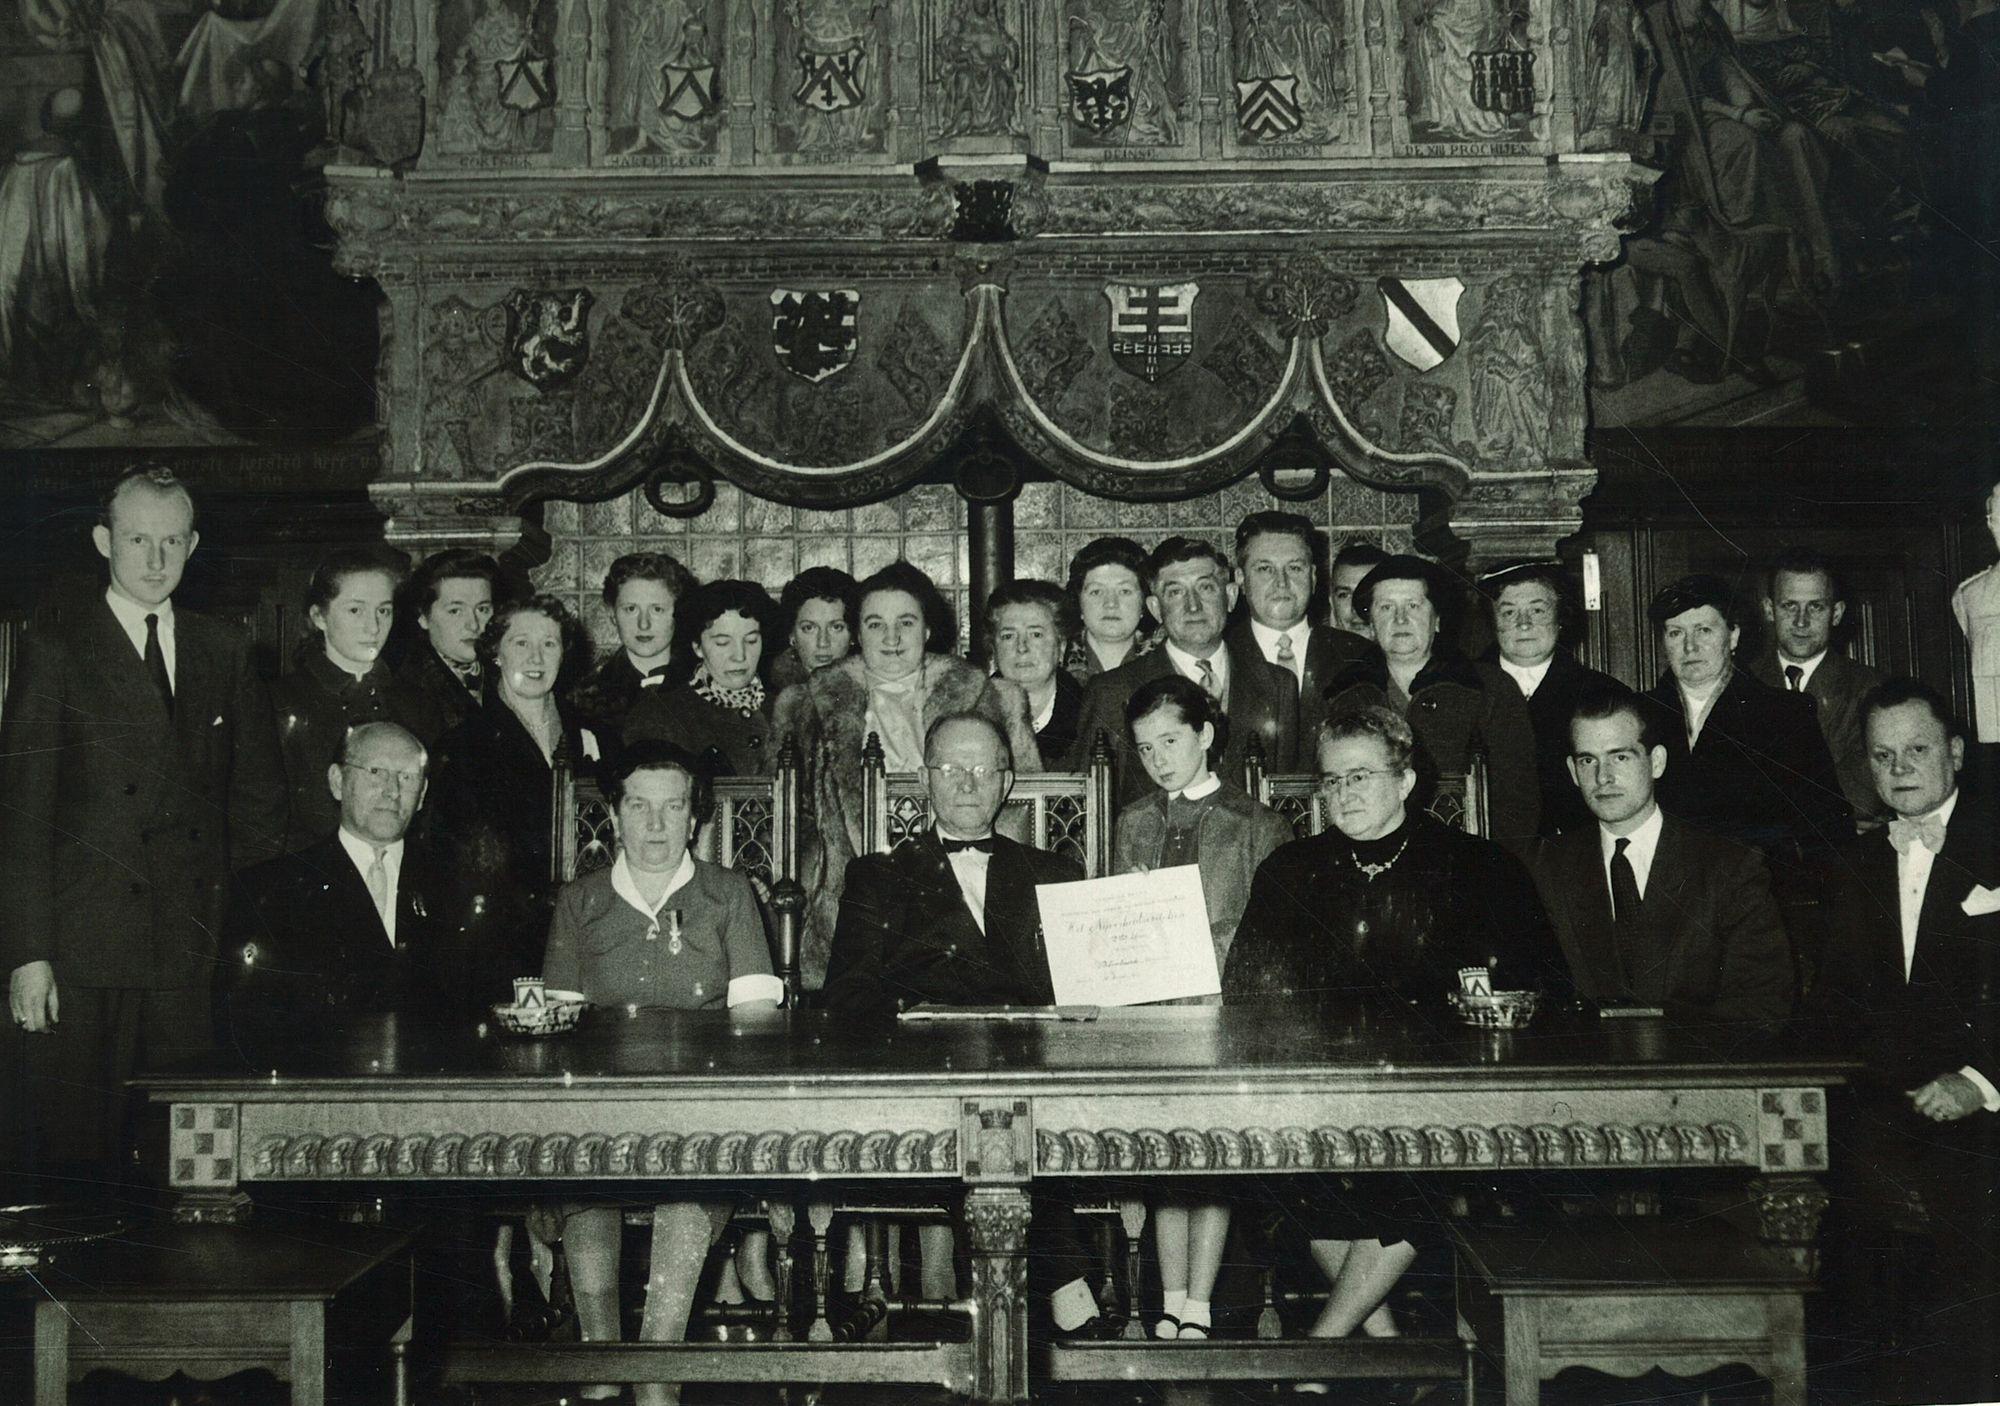 Groepsfoto met burgemeester Jules Coussens